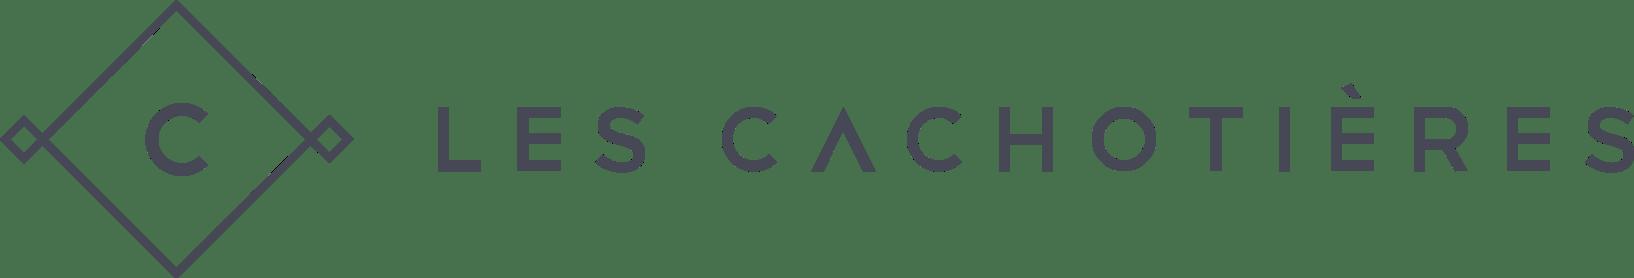 Les Cachotieres company logo